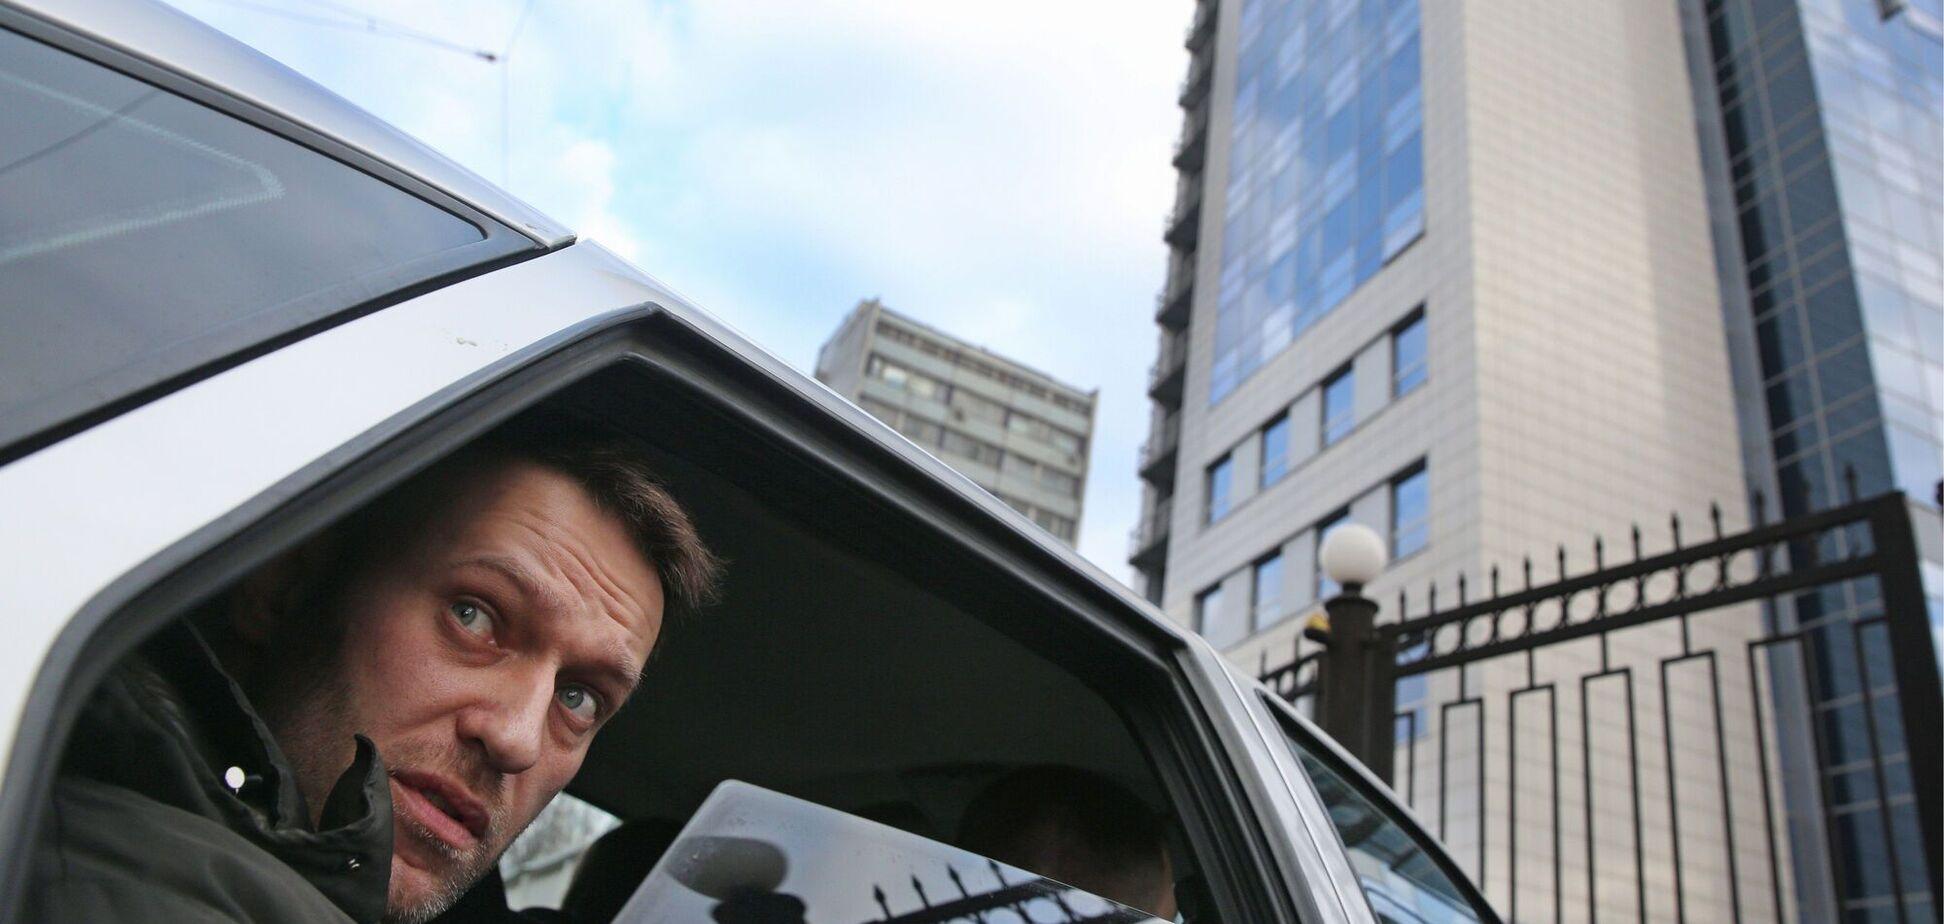 Навальный возвращается: сценарий дальнейших событий